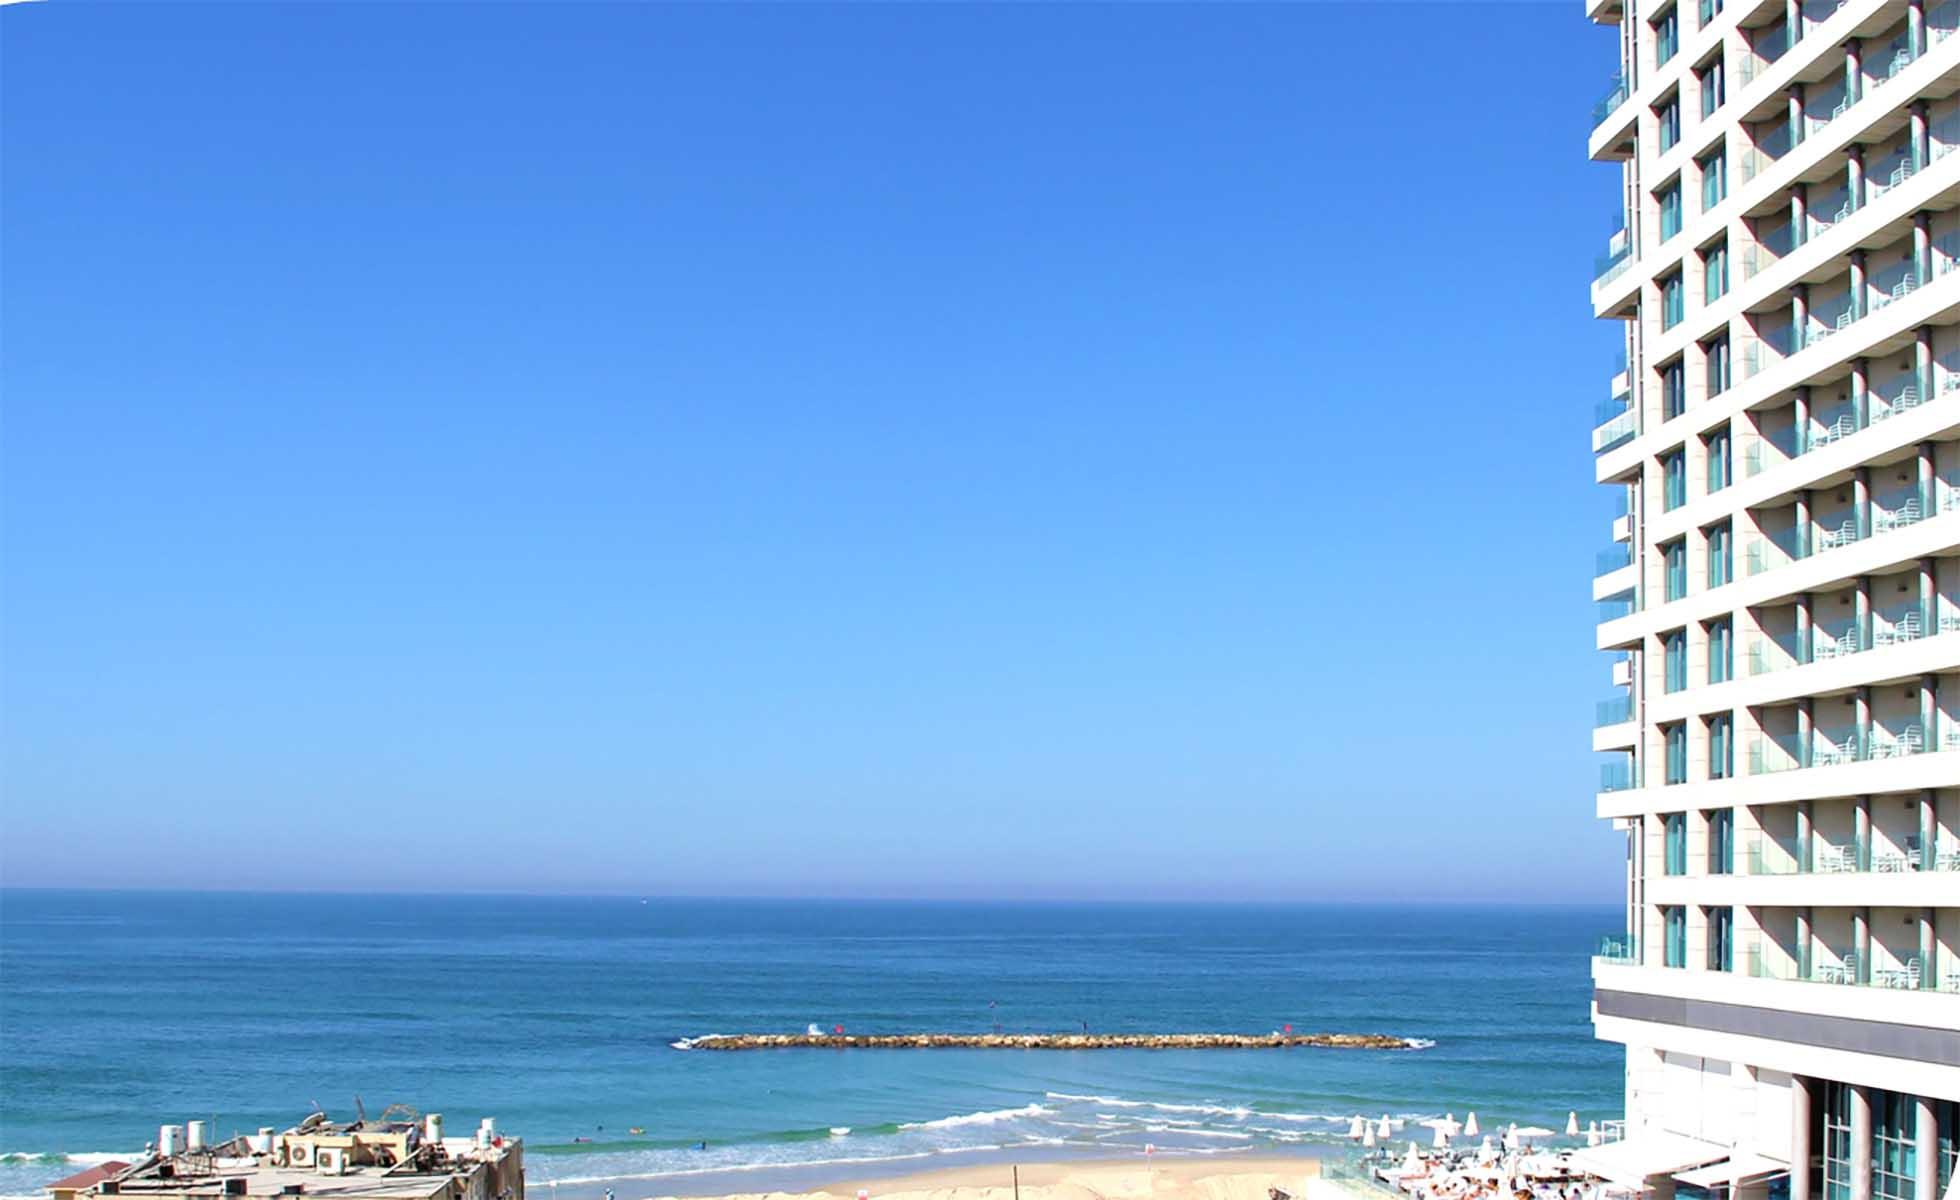 Квартира на средиземном море купить продам квартиру в оаэ дубай